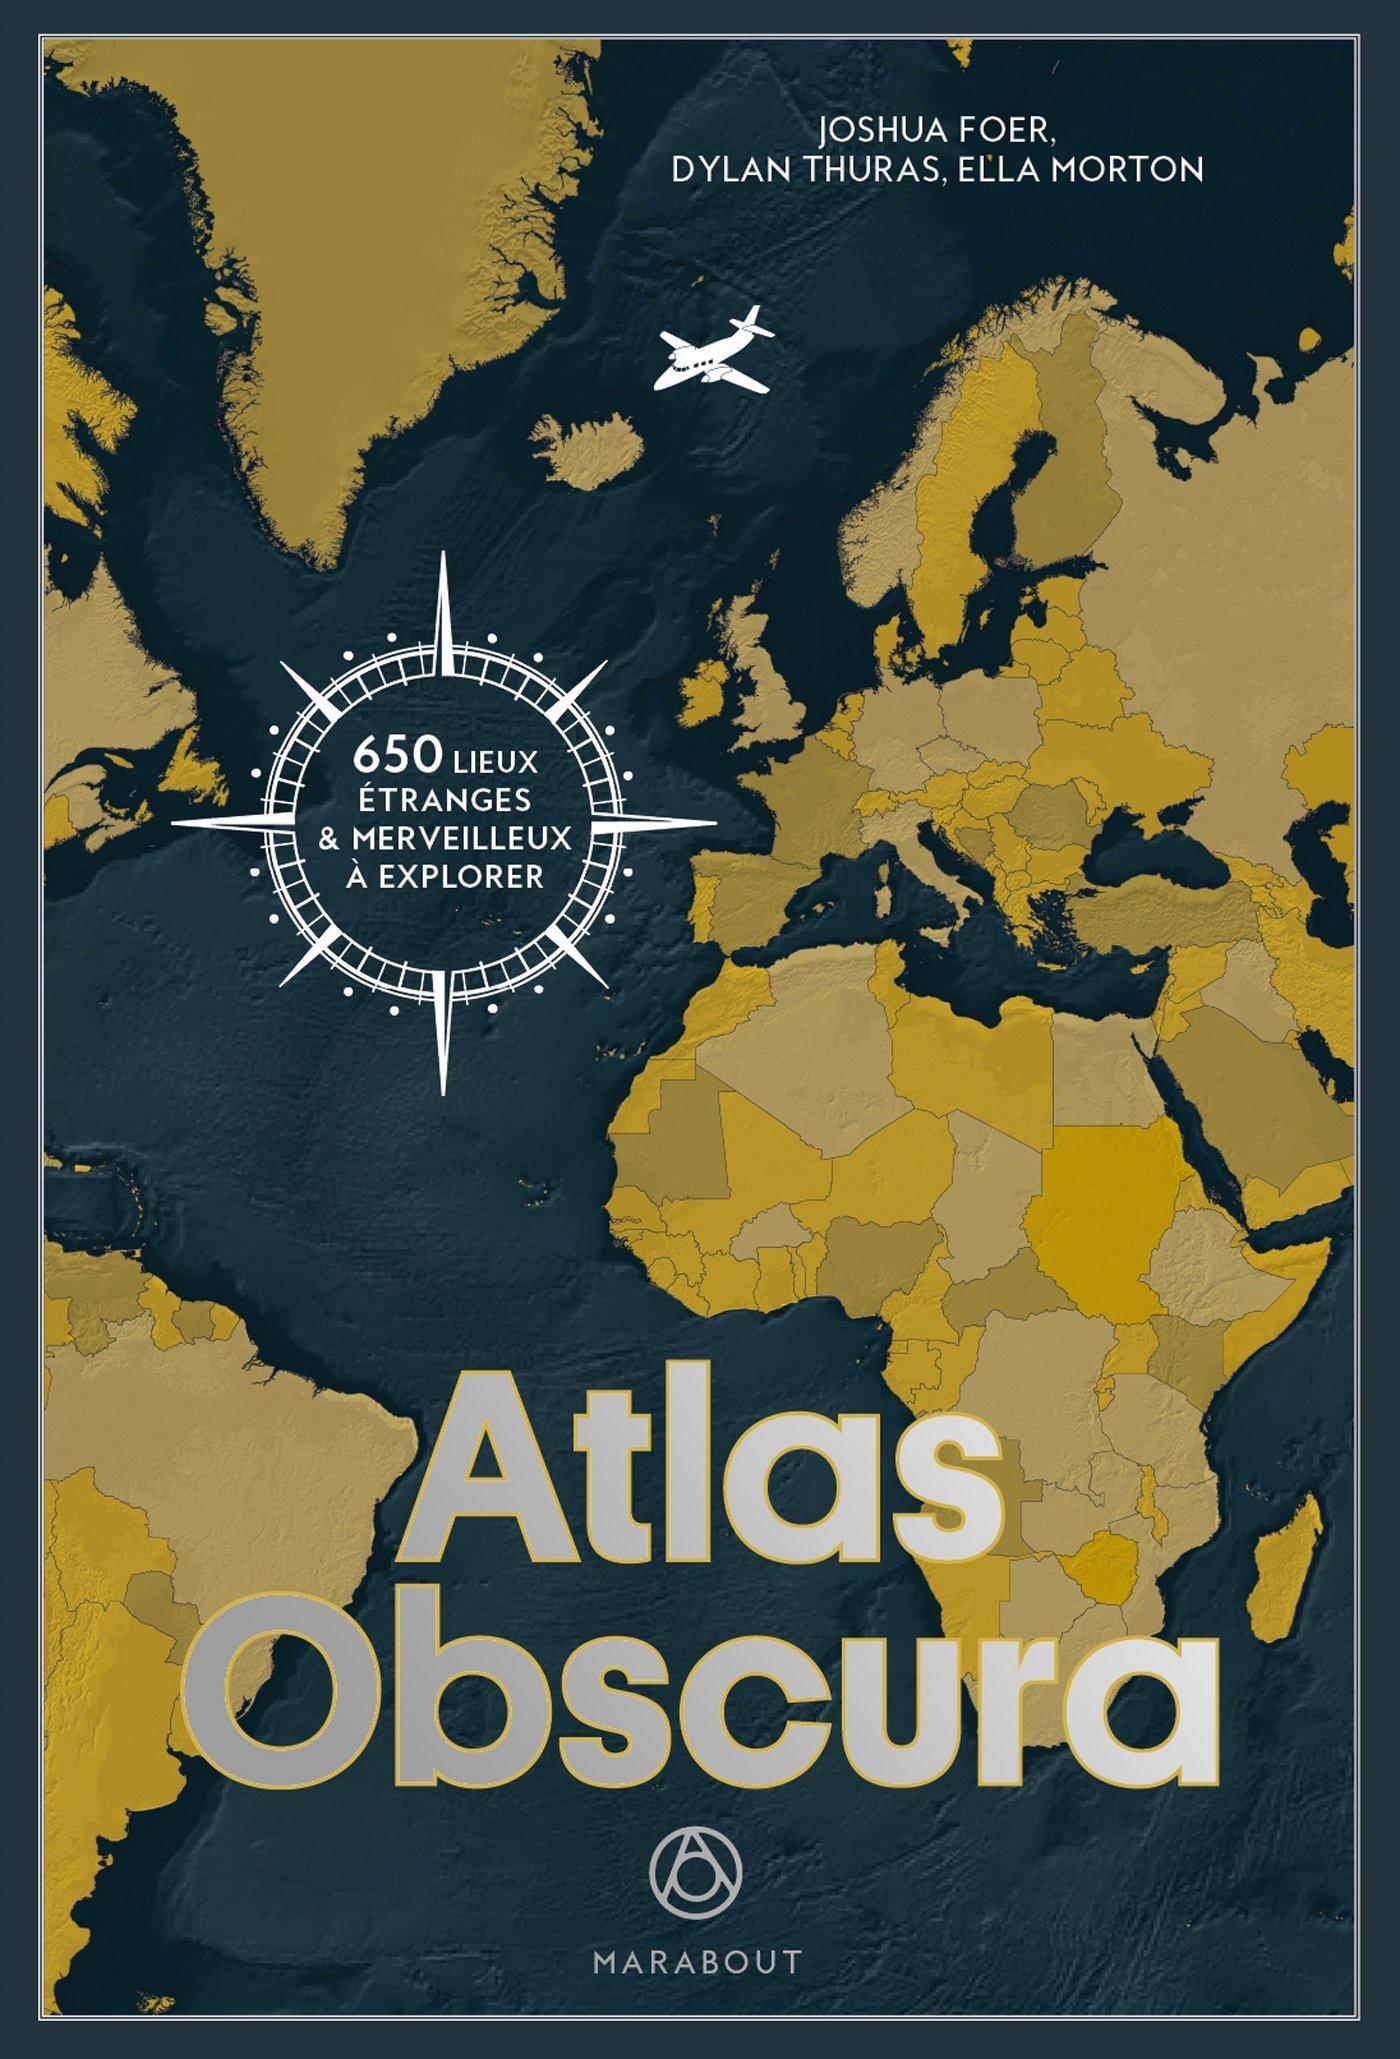 Atlas Obscura - 650 lieux etranges et merveilleux a explorer (French  Edition): Joshua Foer, Dylan Thuyas, Ella Morton, Marabout: 9782501117340:  Amazon.com: ...